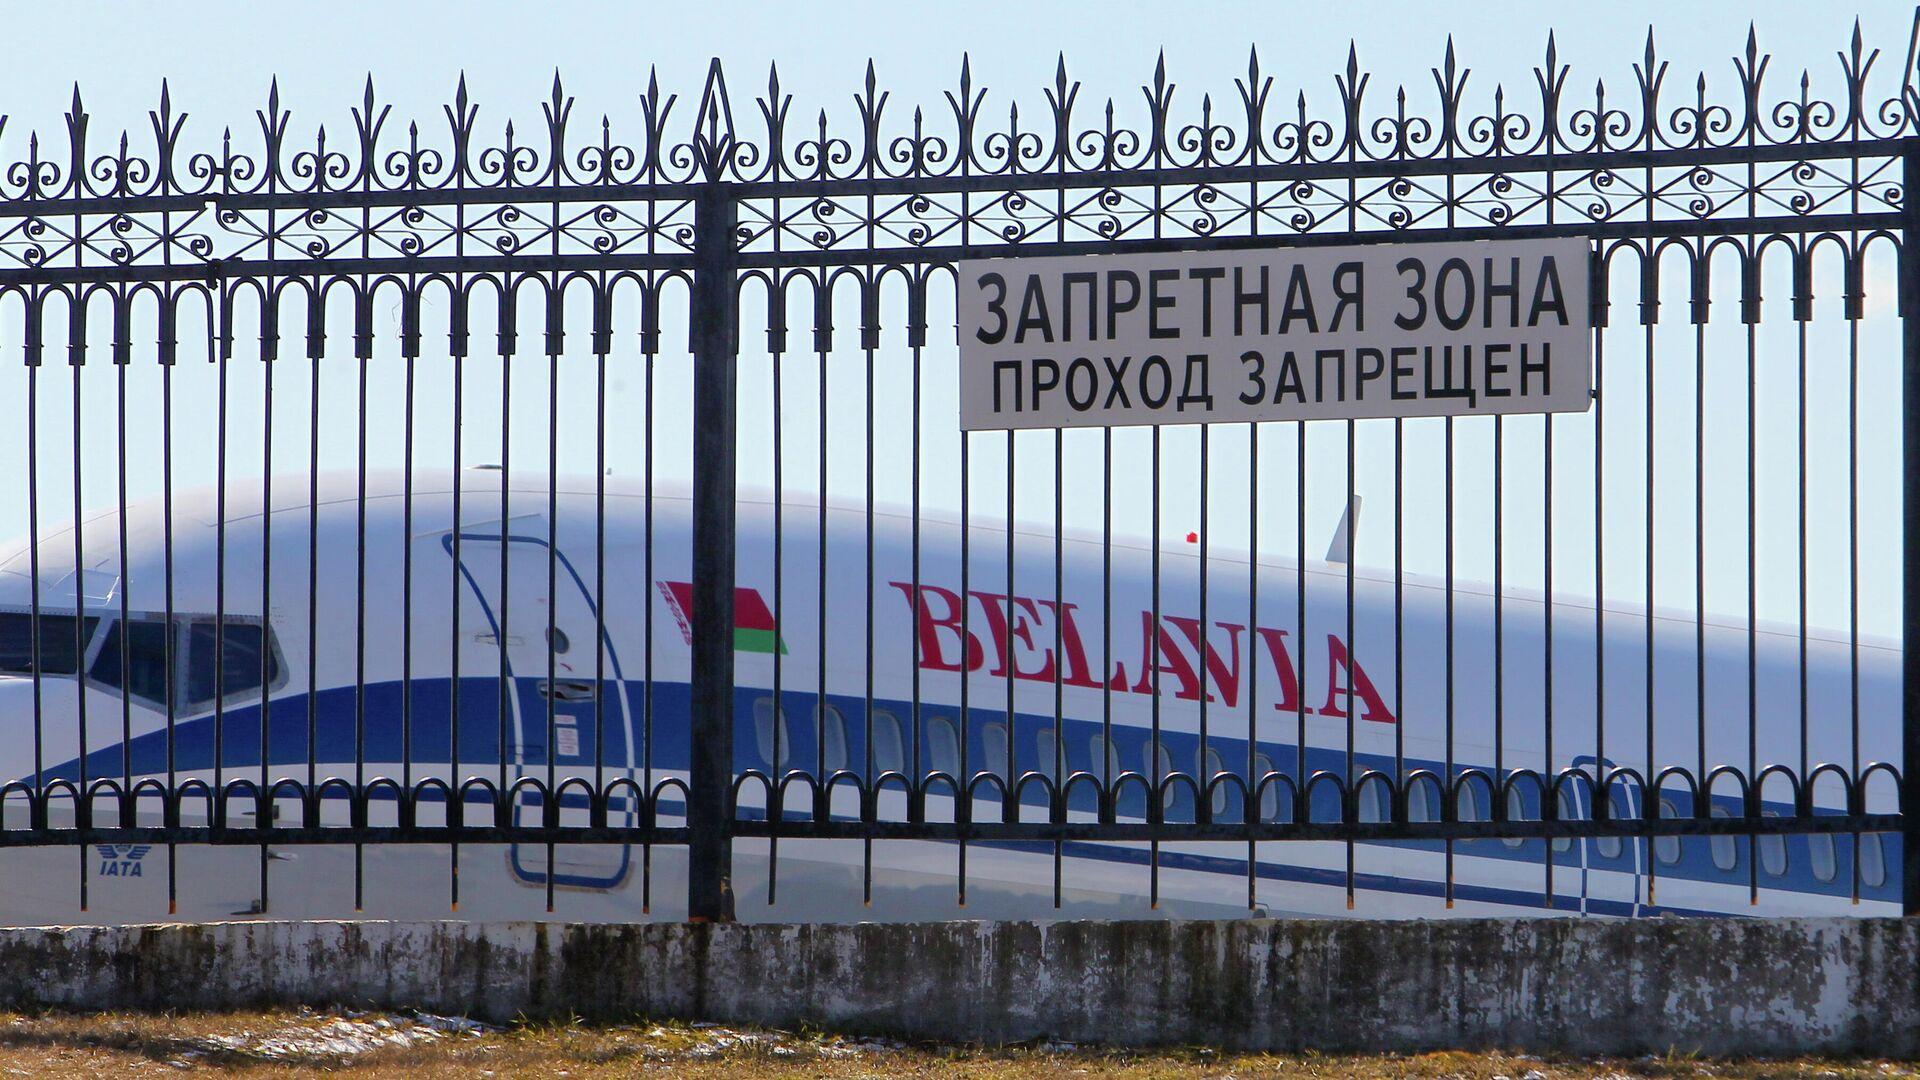 Самолет авиакомпании Белавиа в национальном аэропорту Минск - РИА Новости, 1920, 26.05.2021